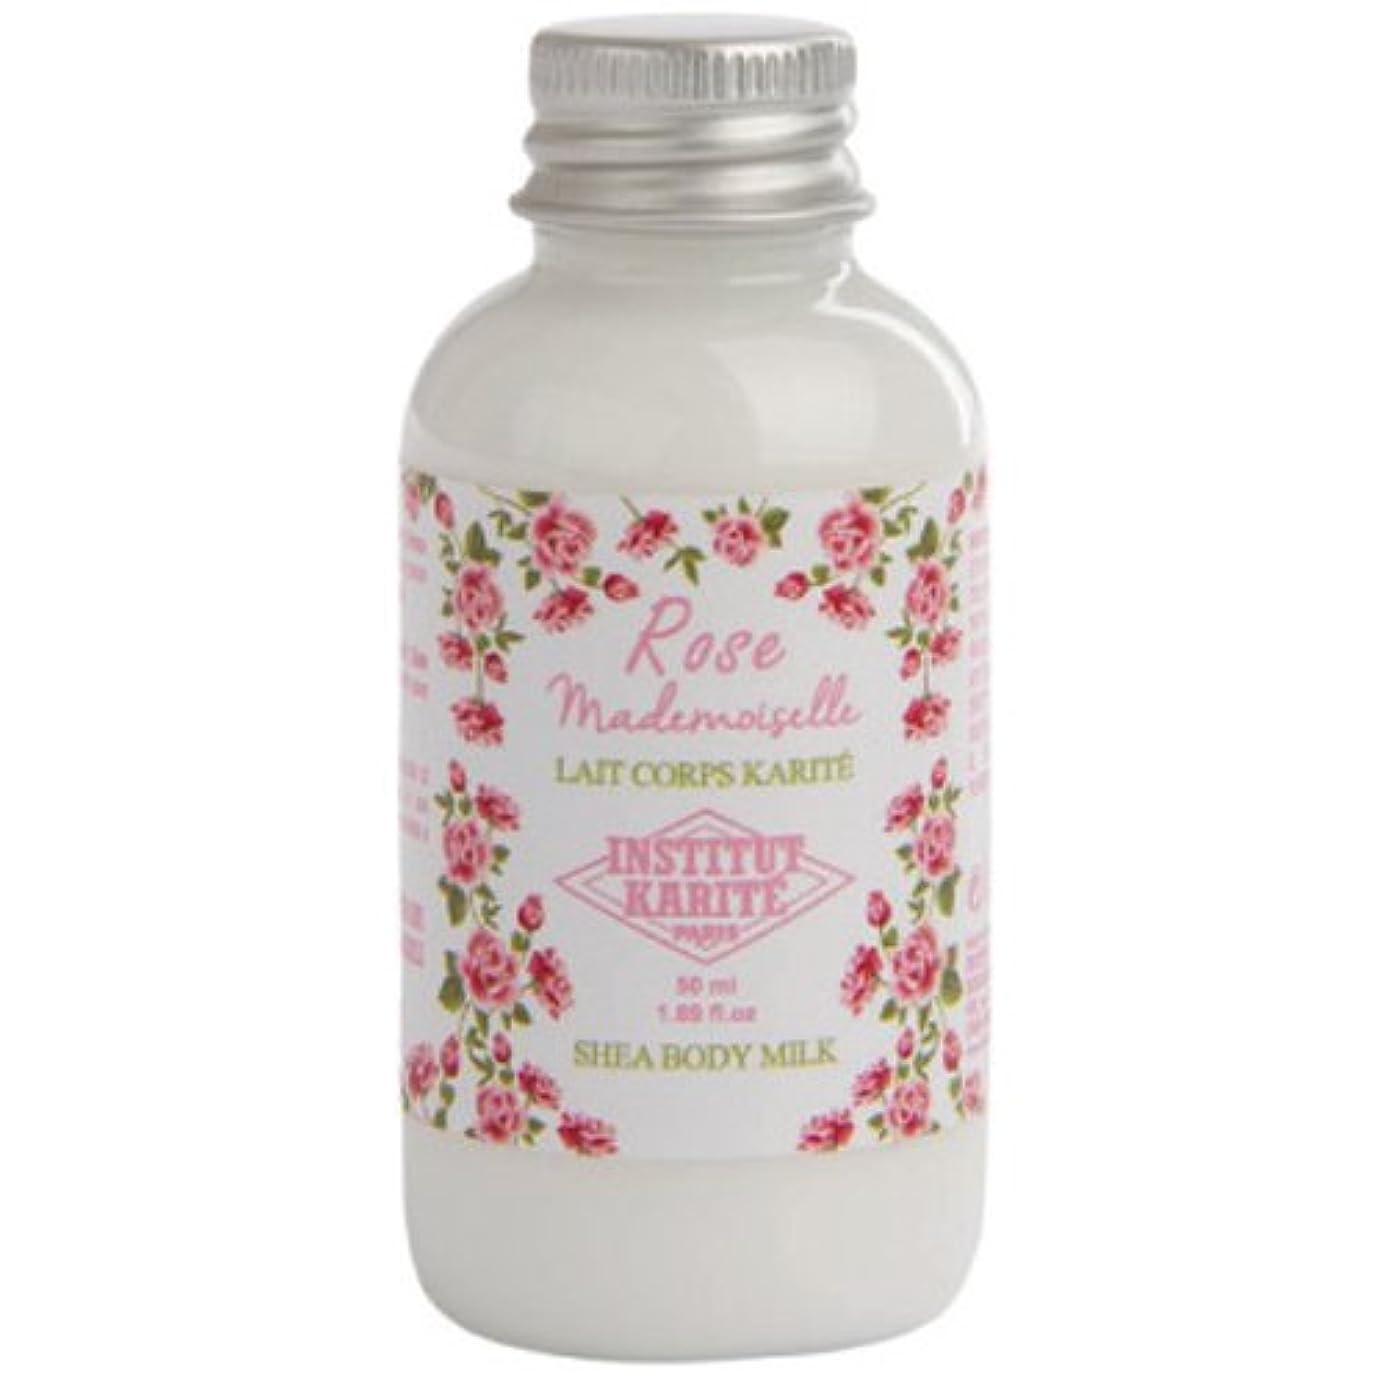 コンデンサー今後散るINSTITUT KARITE カリテ Rose Mademoiselle クラシックローズ Travel Shea Body Milk 50ml